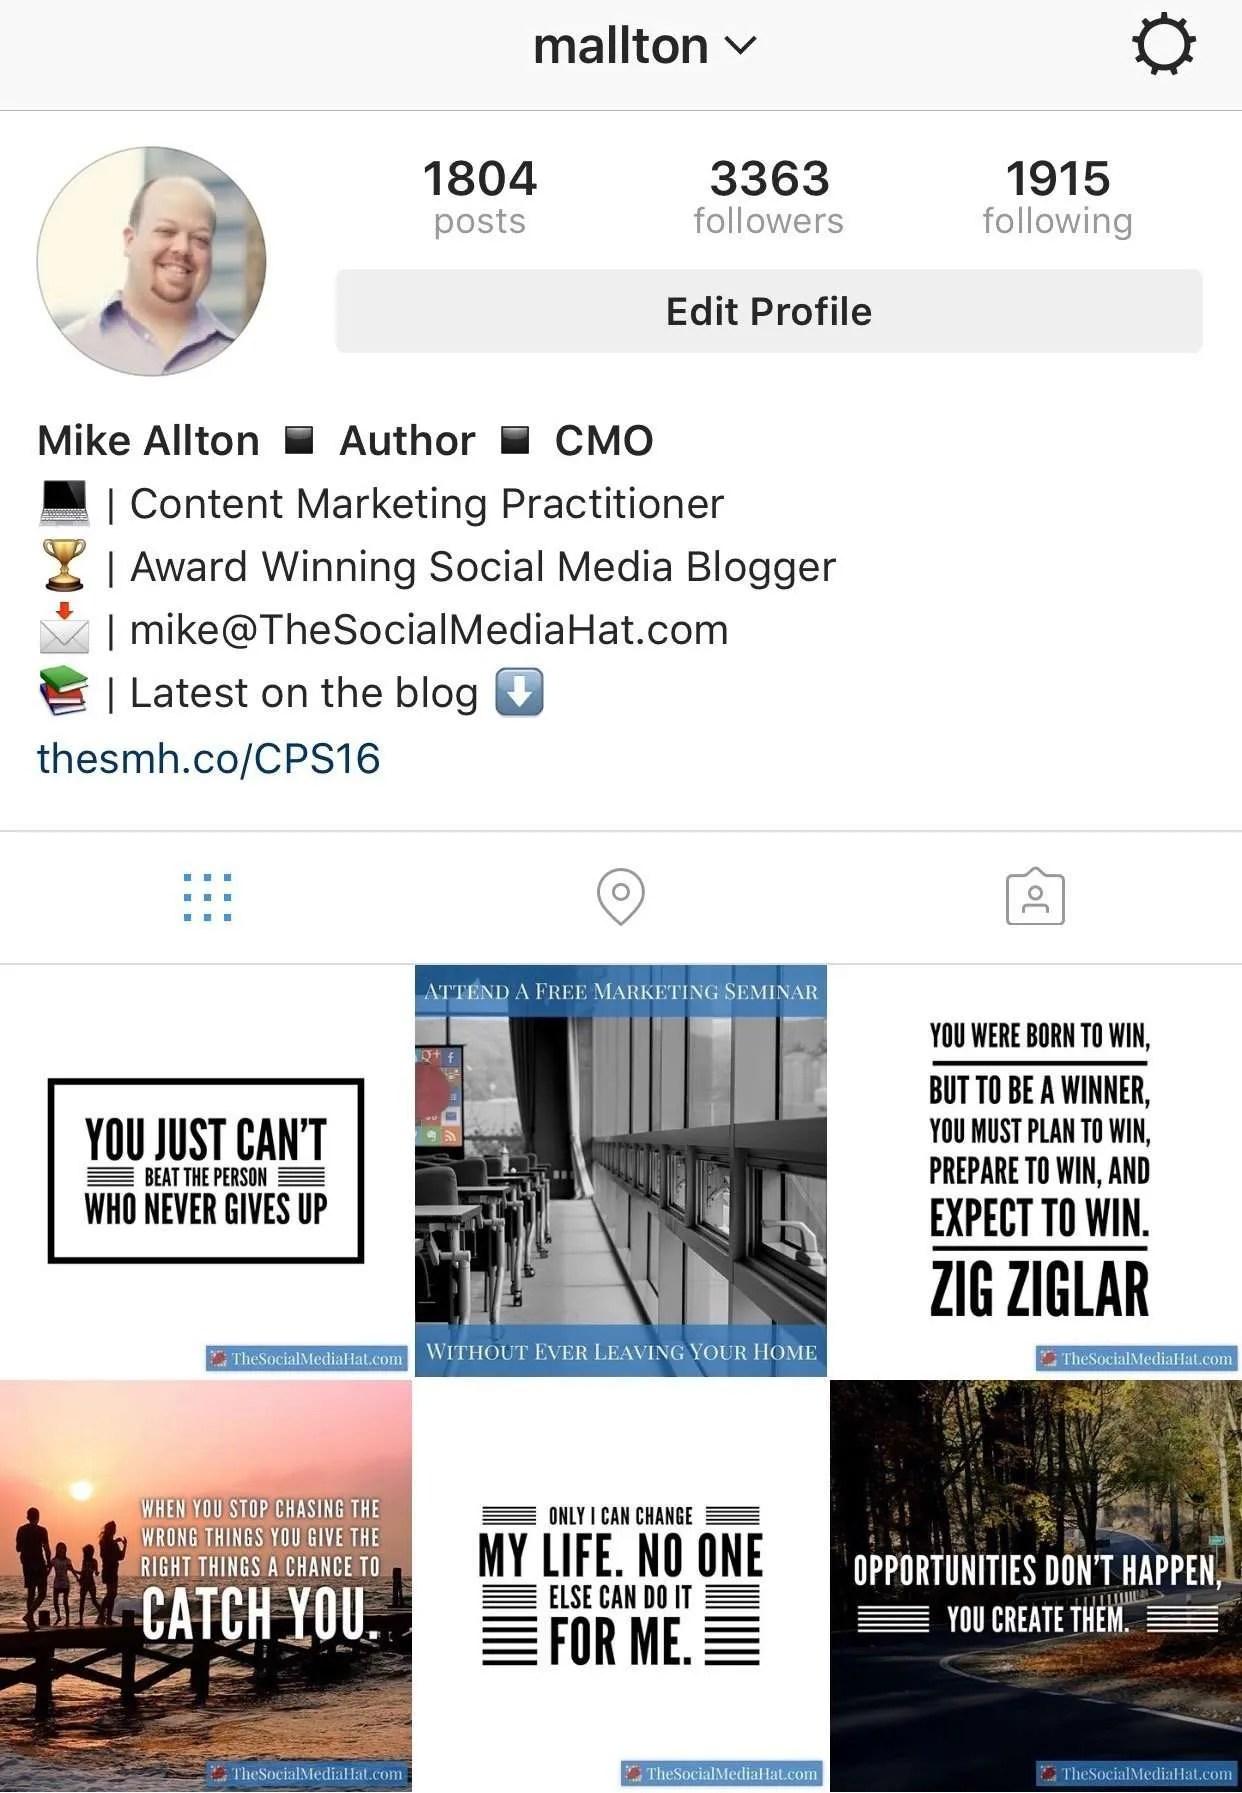 Mike Allton on Instagram